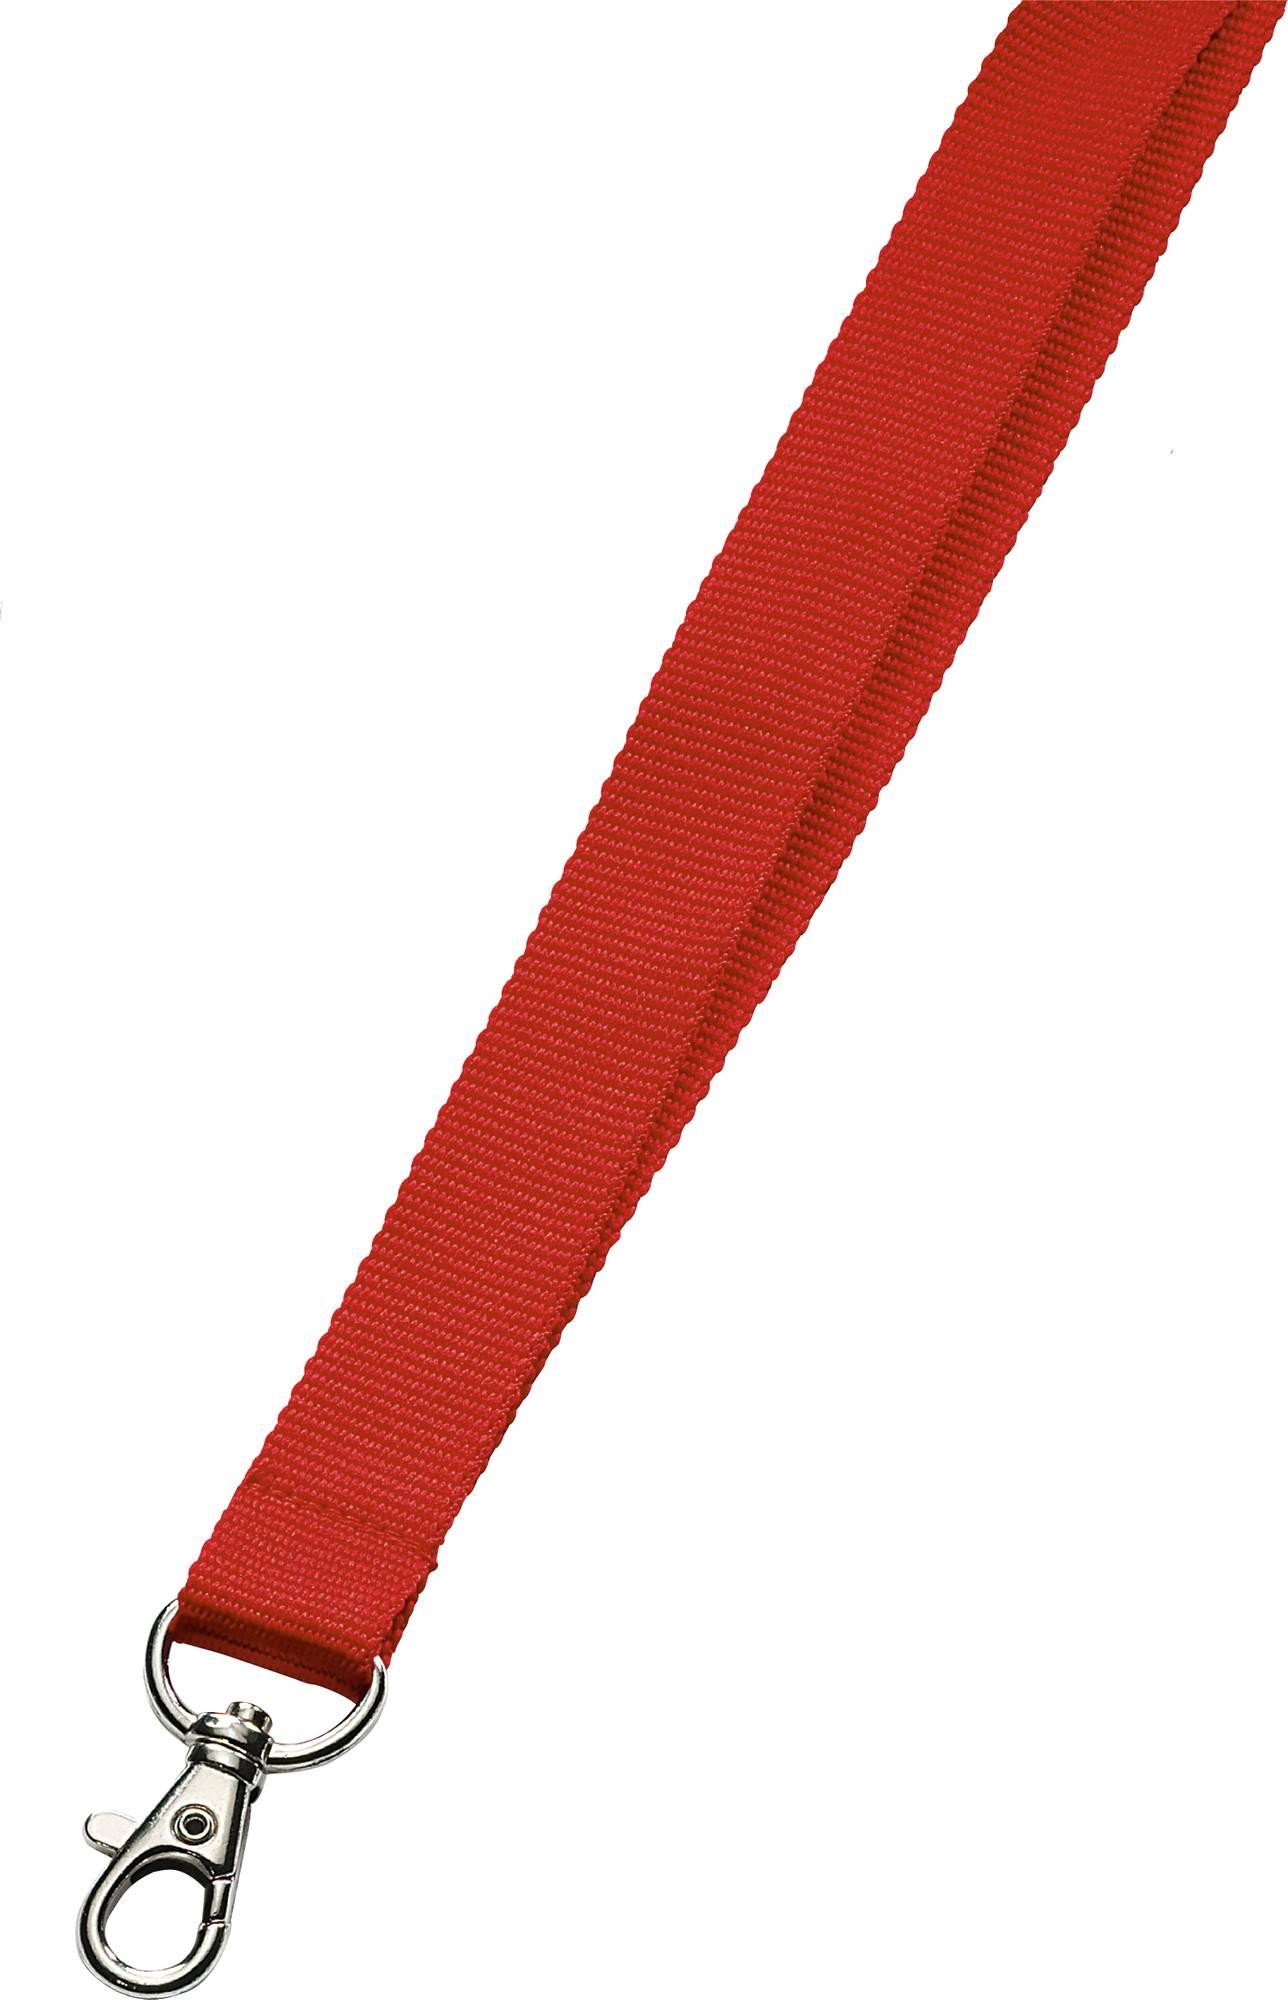 Rotes Umhängeband mit Karabinerhaken, 20 mm